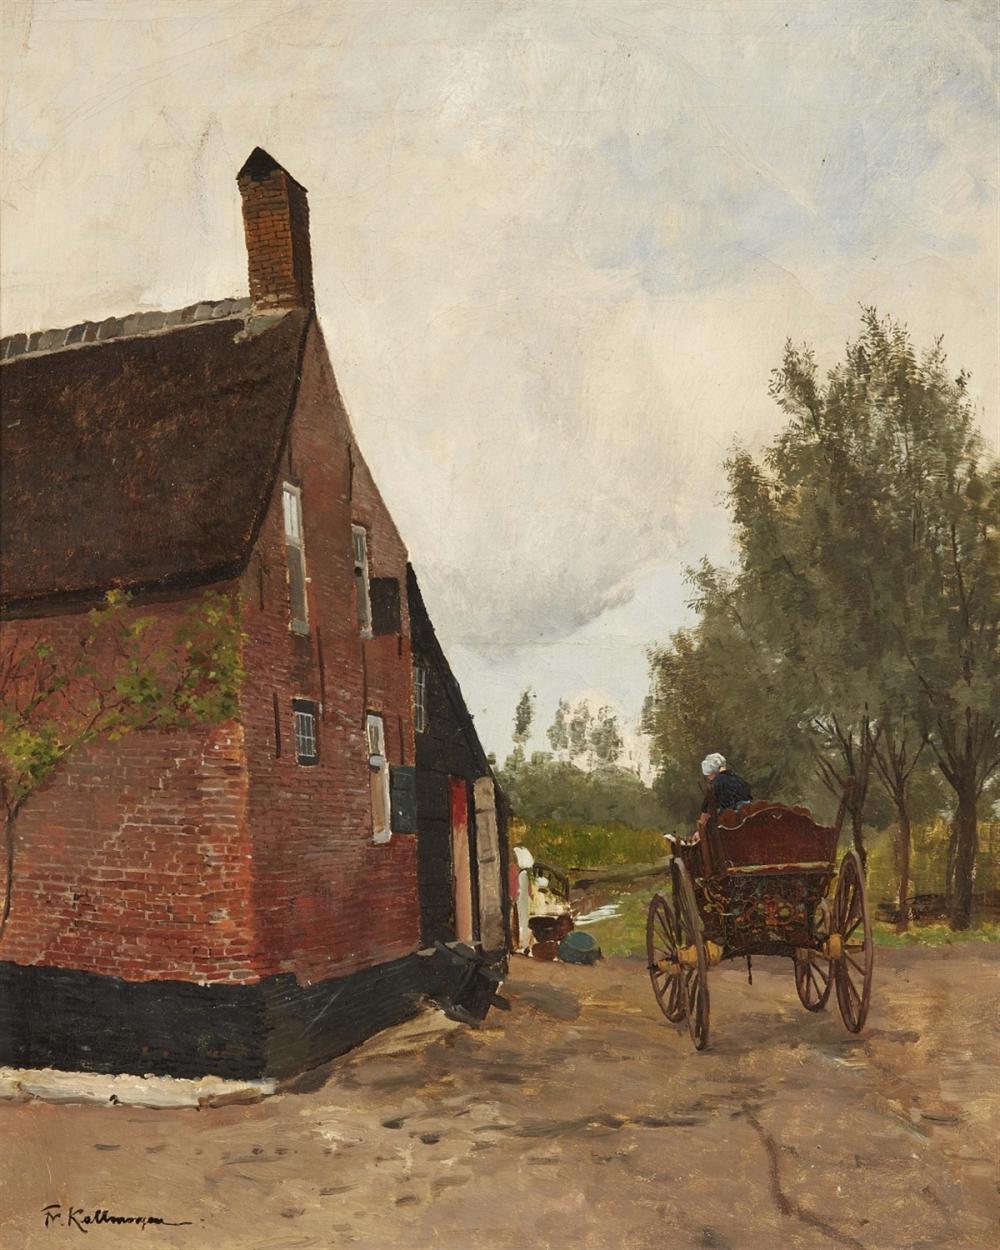 Friedrich Kallmorgen (1856 Altona - 1924 Grötzingen), Holländisches Bauernhaus, Öl/Lwd., signiert | Foto: Lempertz